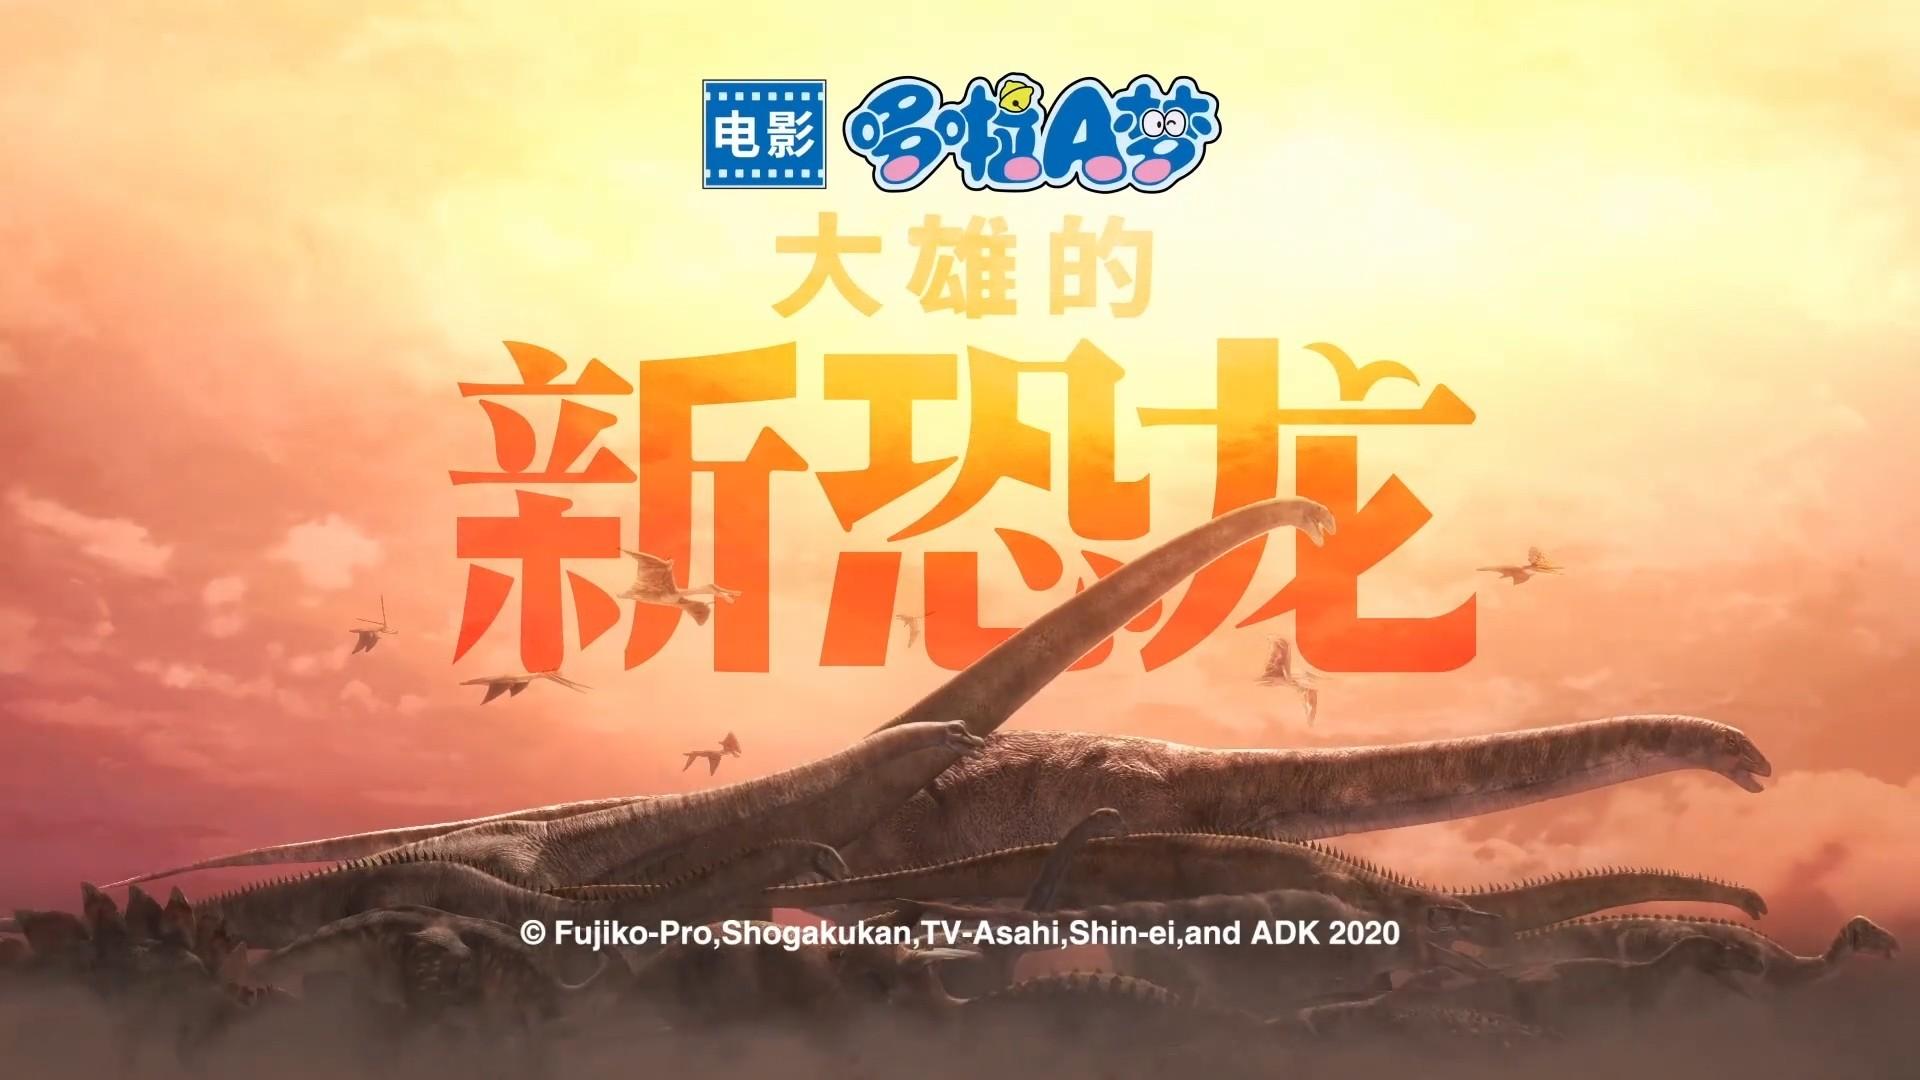 电影《哆啦A梦:大雄的新恐龙》新预告公开,12月11日中国大陆上映